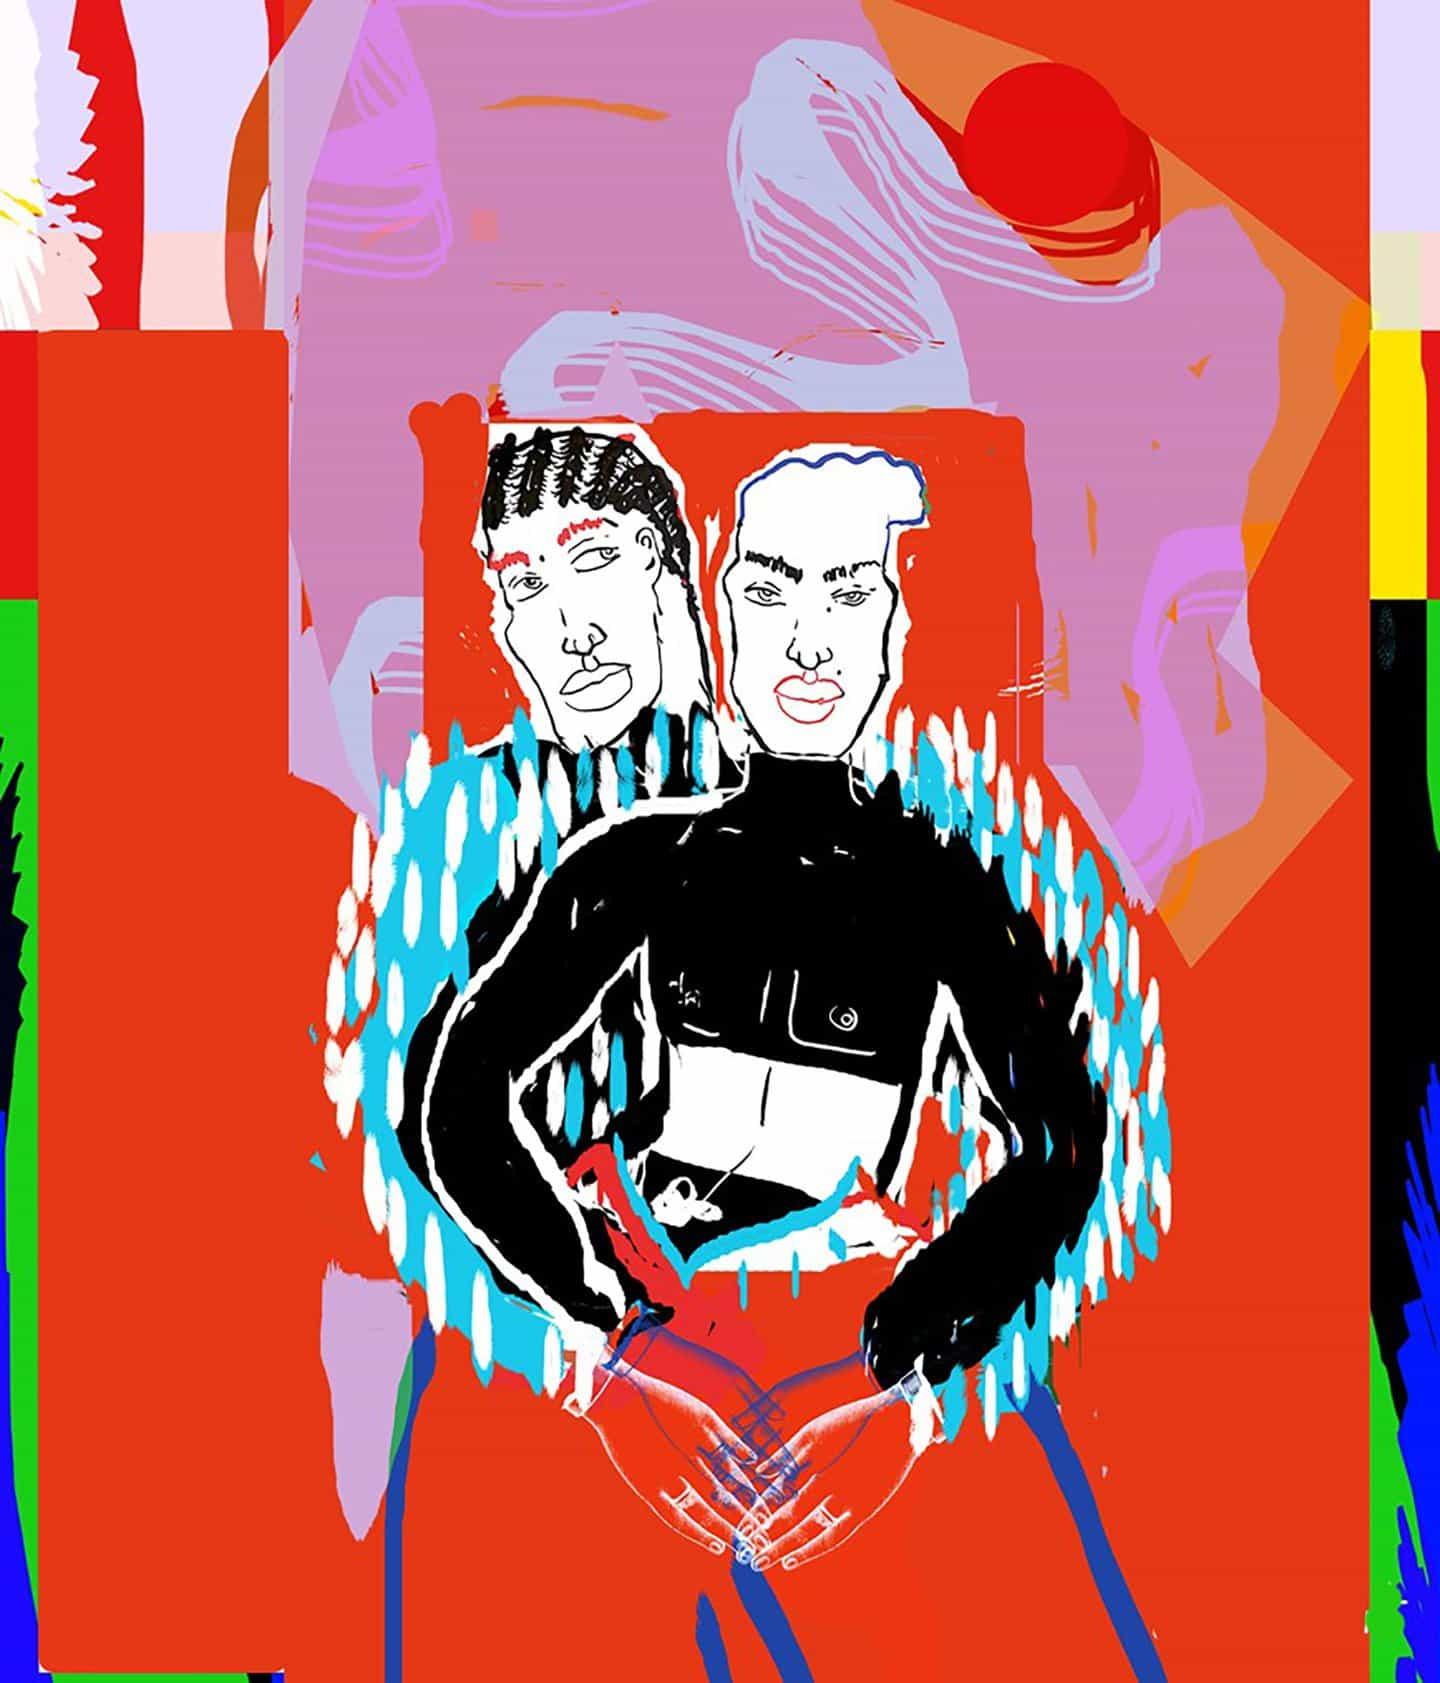 """""""Espero que mi trabajo cambie al menos la percepción de una persona"""": Ngadi Smart en sus ilustraciones vibrantes e impulsadas por el contexto"""